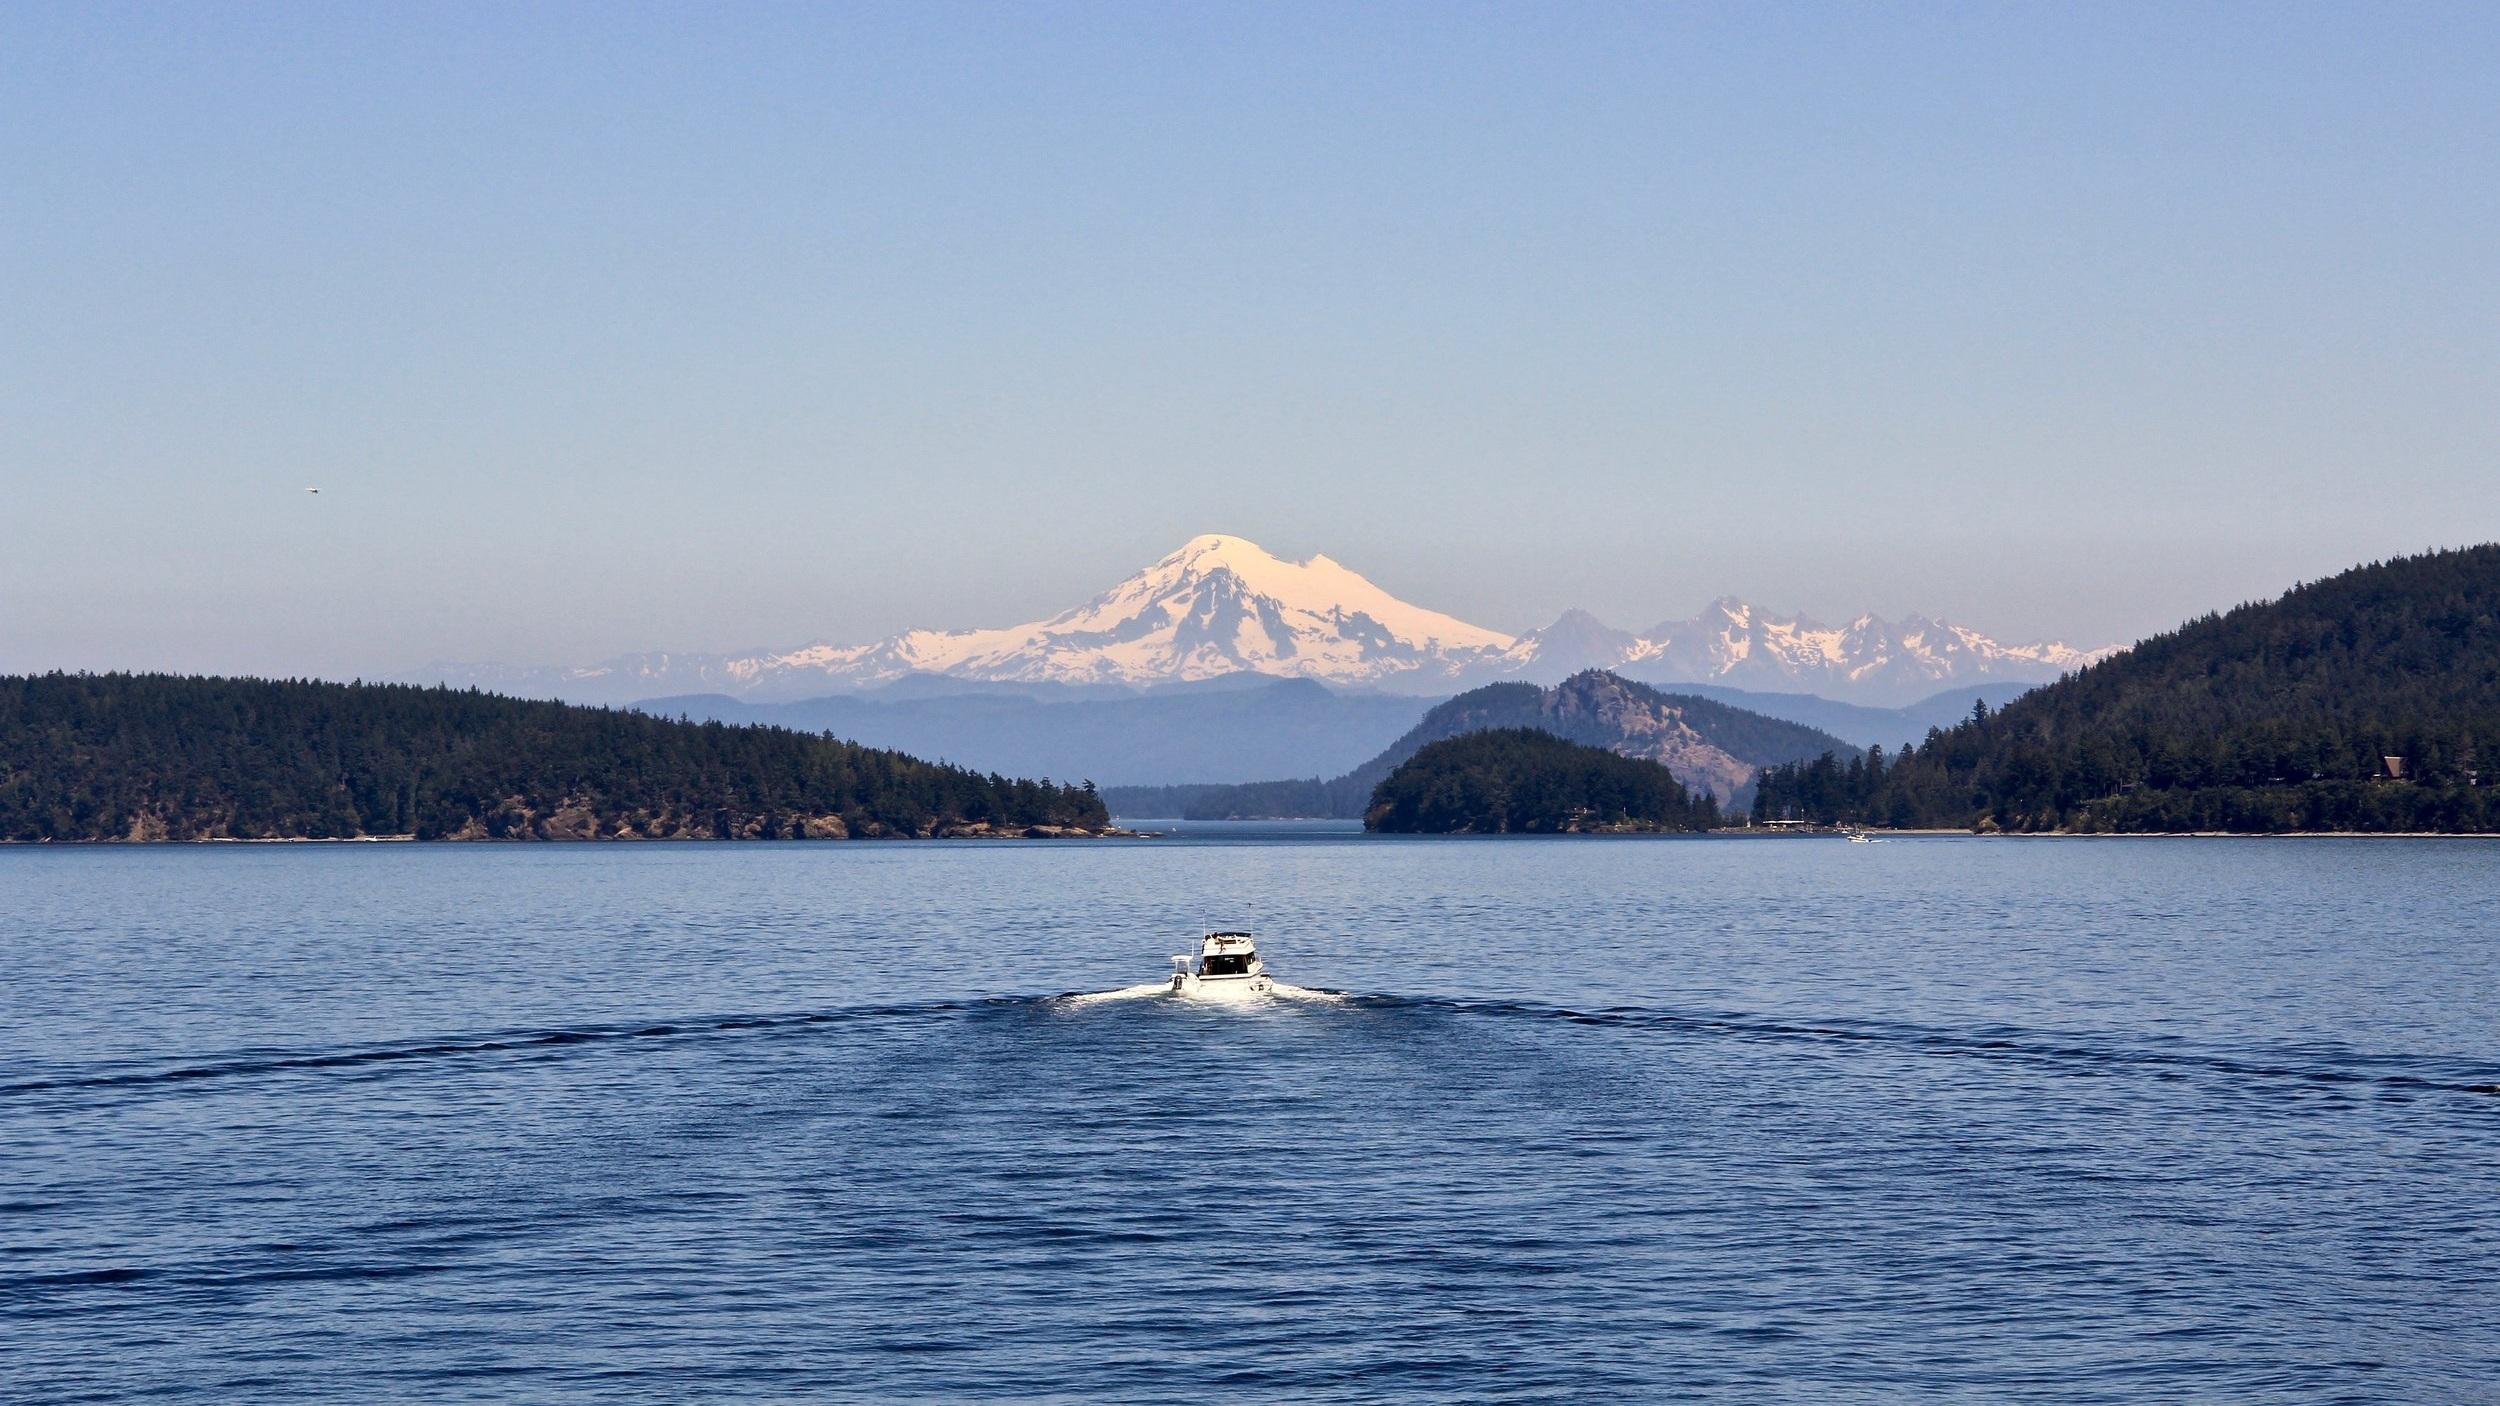 Scenic tour of Seattle - Seattle har en natur i absolut världsklass och med den här guidade turen på 2,5 timmar får du chansen att uppleva ett axplock av det bästa staden kan stoltsera med enligt stadens lokalbefolkning - både via båt och buss.